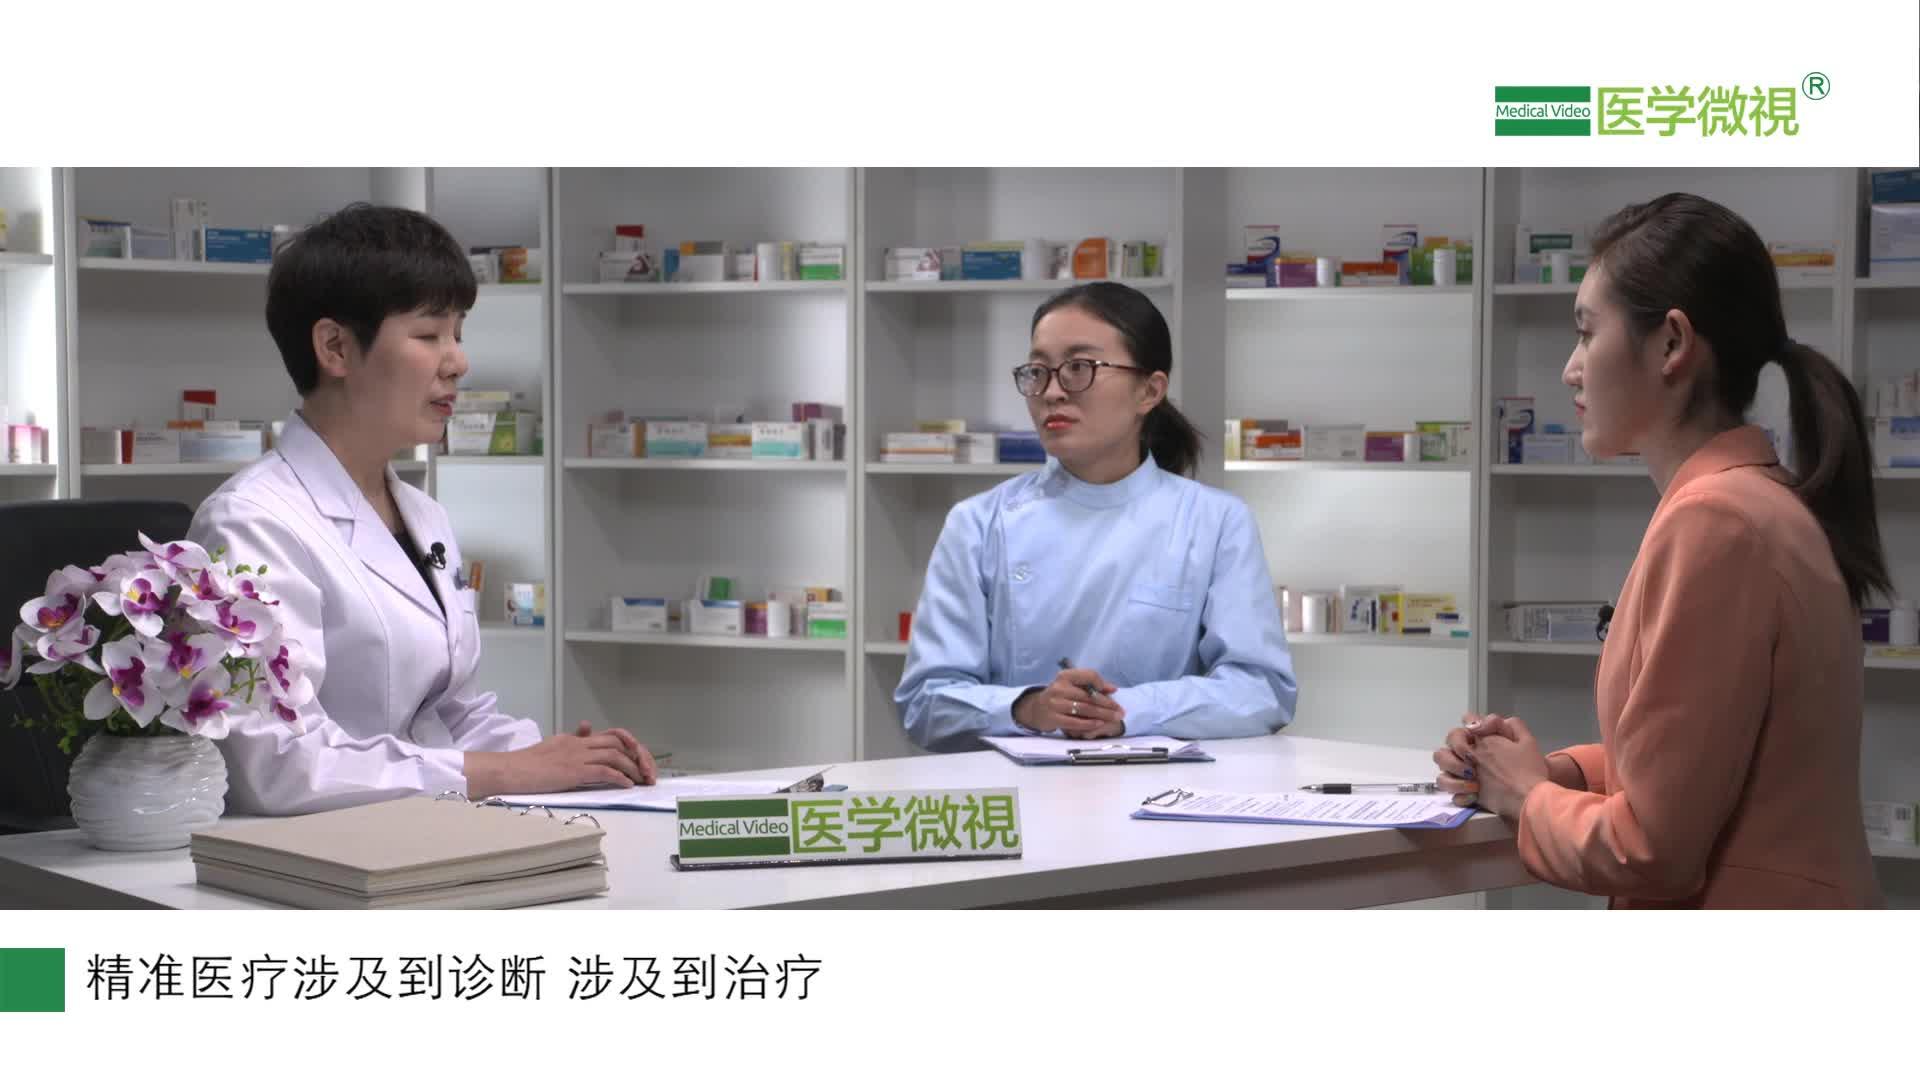 什么是精準醫療?發展怎么樣?精準醫療的應用